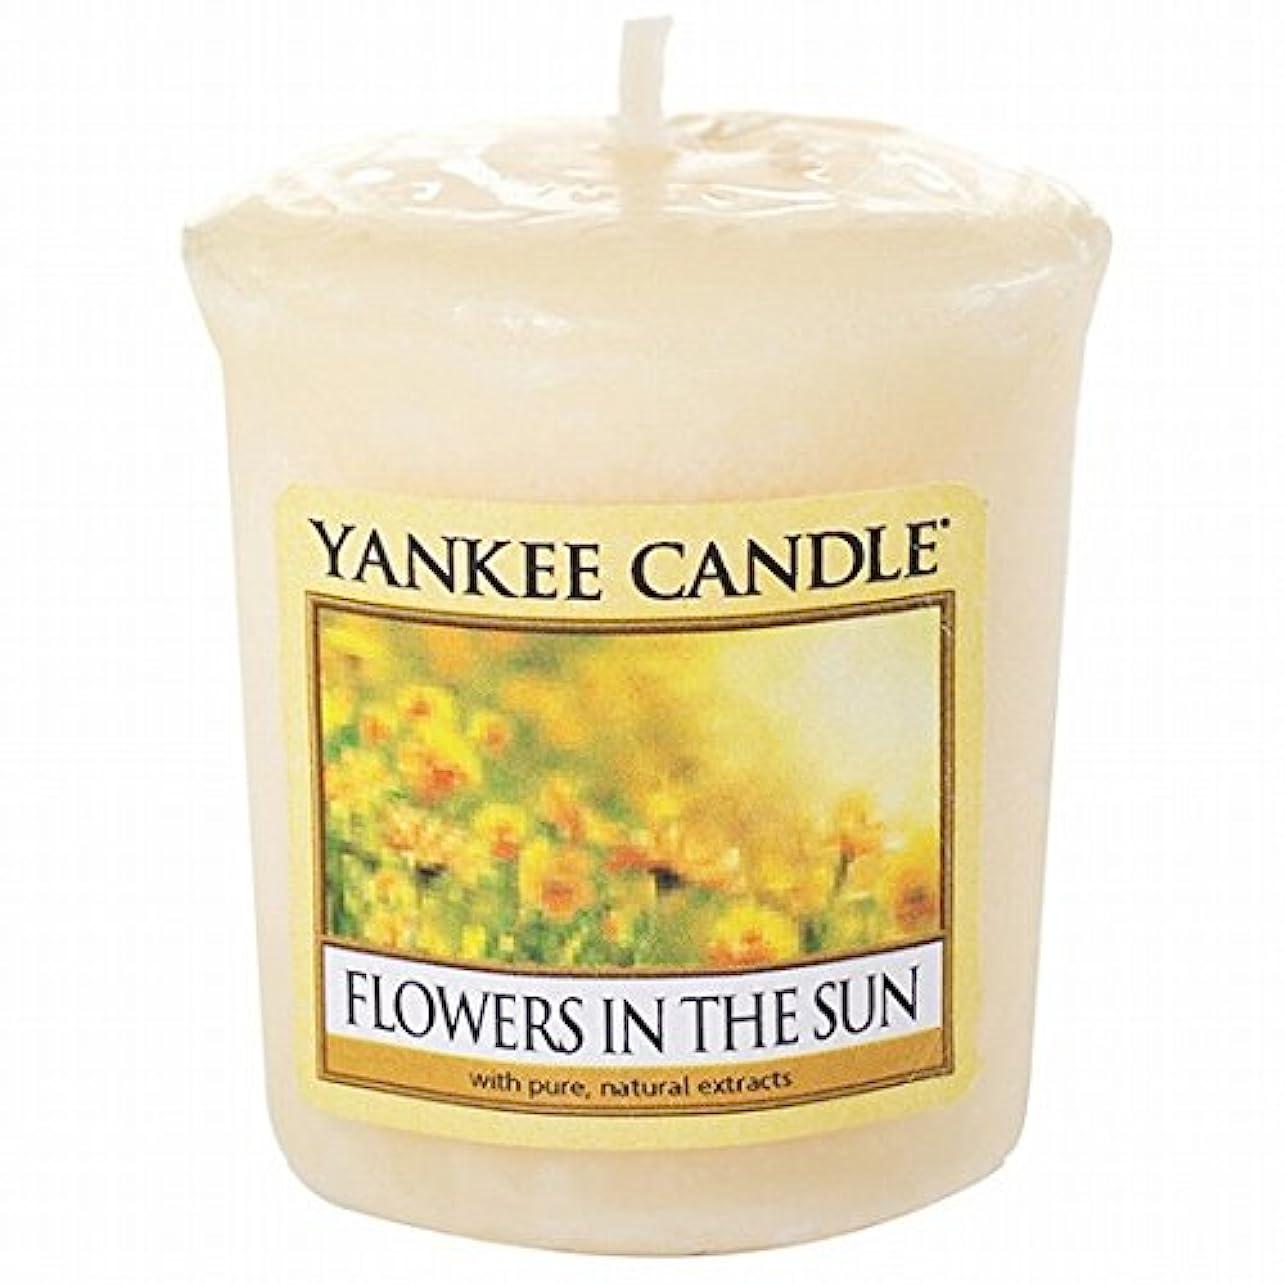 蒸気呼び出す遊具YANKEE CANDLE(ヤンキーキャンドル) YANKEE CANDLE サンプラー 「フラワーインザサン」(K00105274)